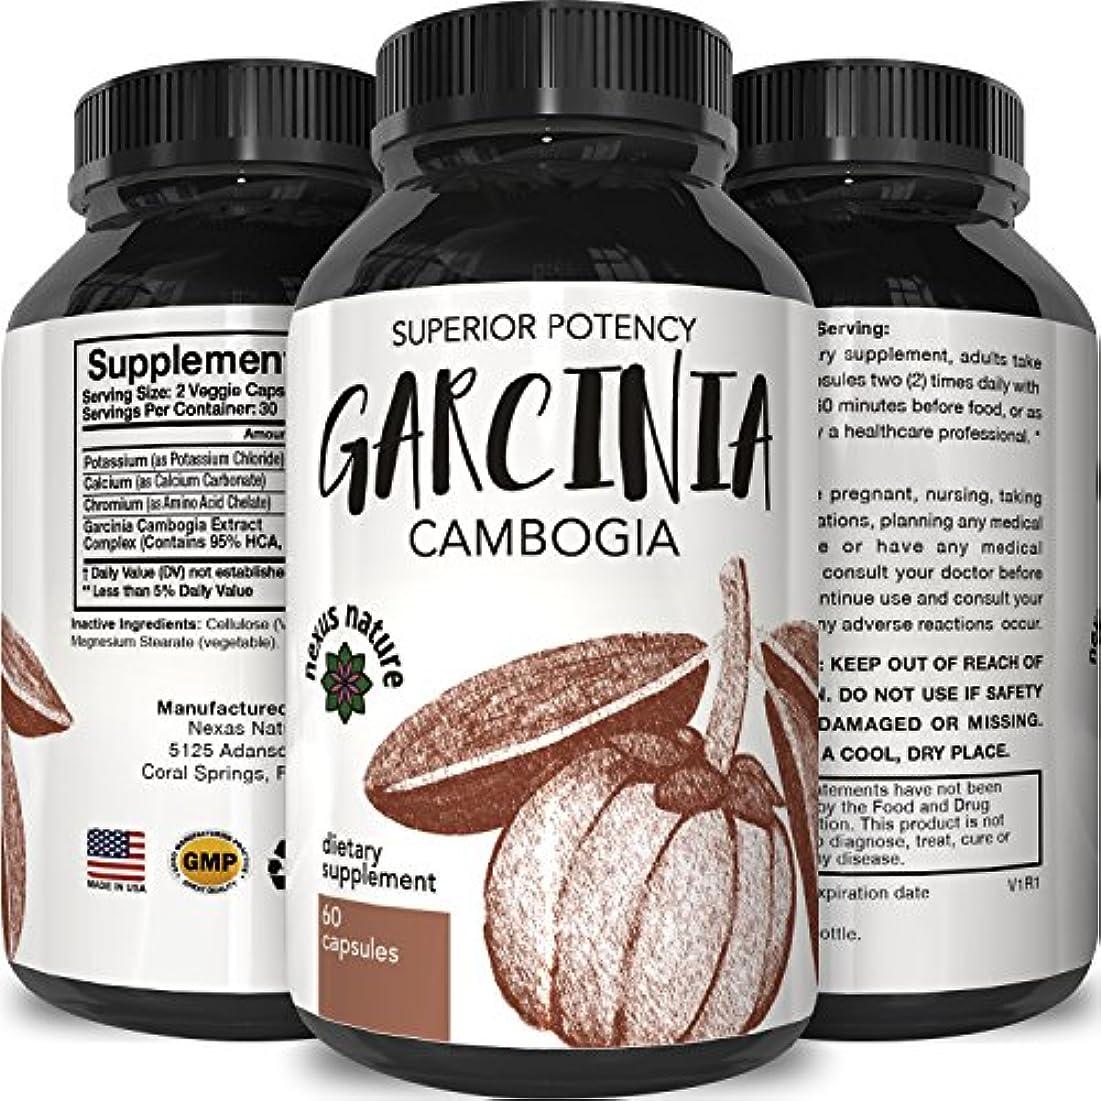 番号セールスマンバリアNature's Design Garcinia Cambogia 60 caps CONTAINS 95% HCA